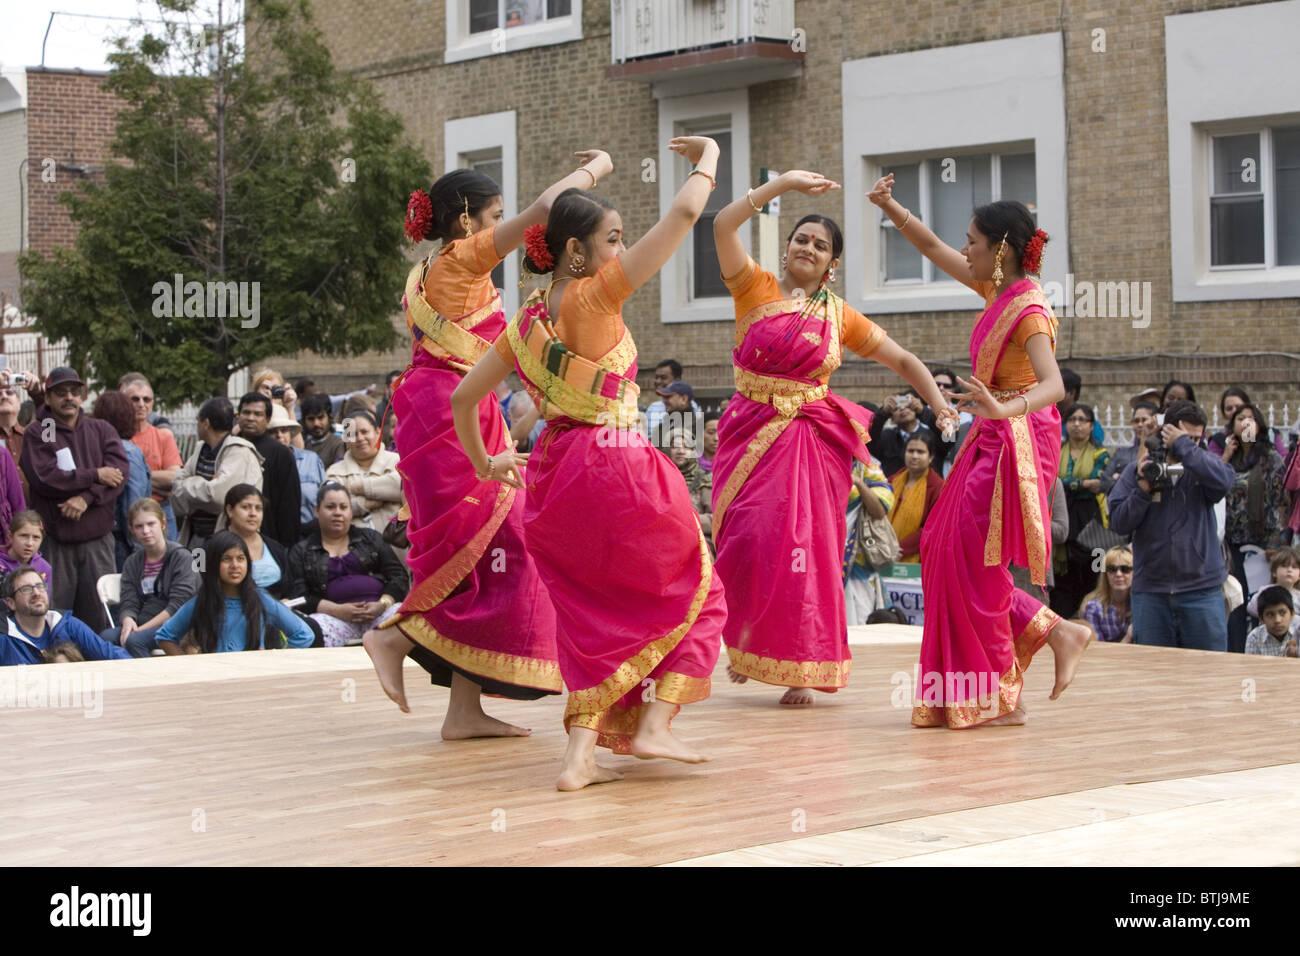 Bengalese prestazioni americano gruppo eseguire ad un festival per le culture del mondo a Brooklyn, New York. Immagini Stock